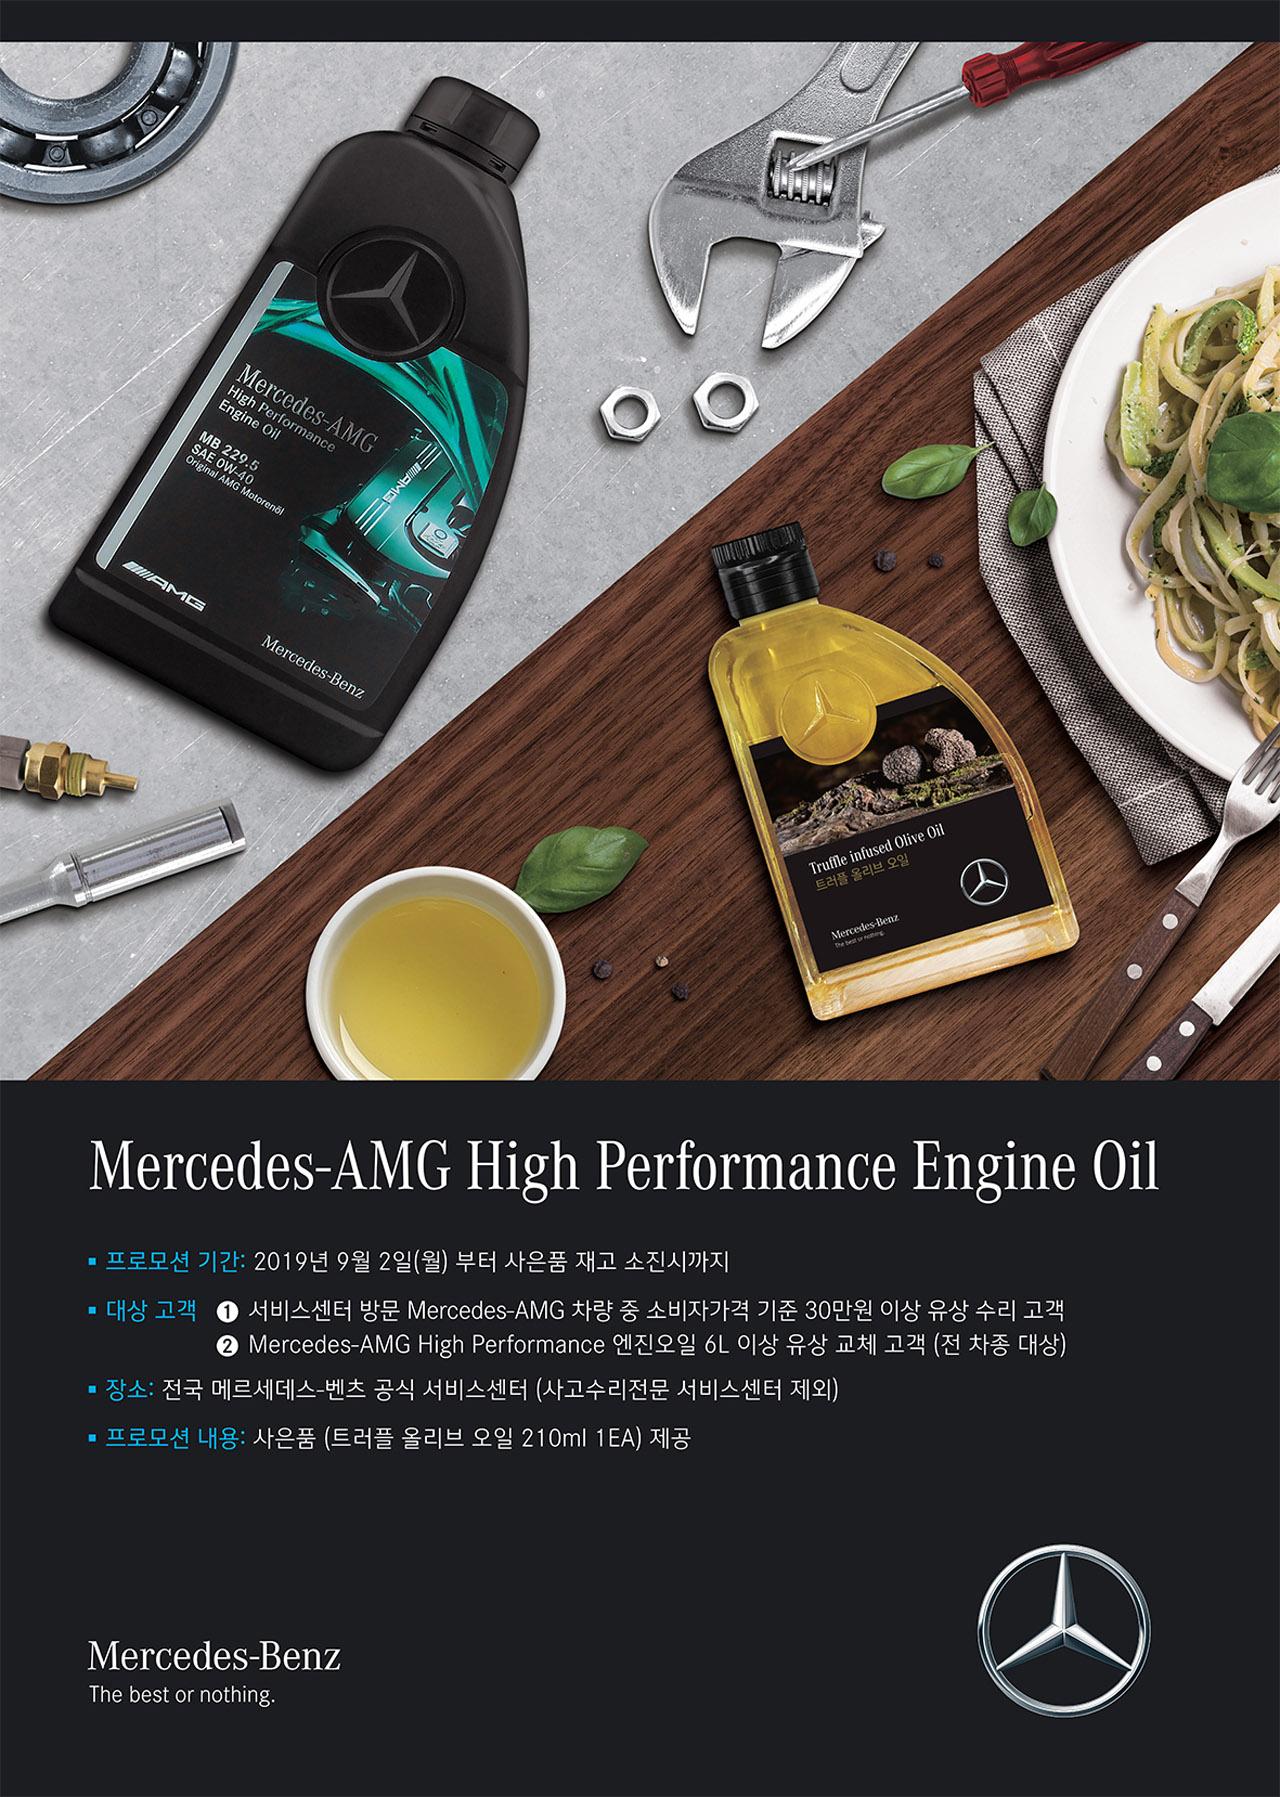 [사진 2] 메르세데스-AMG High Performance 엔진오일 프로모션